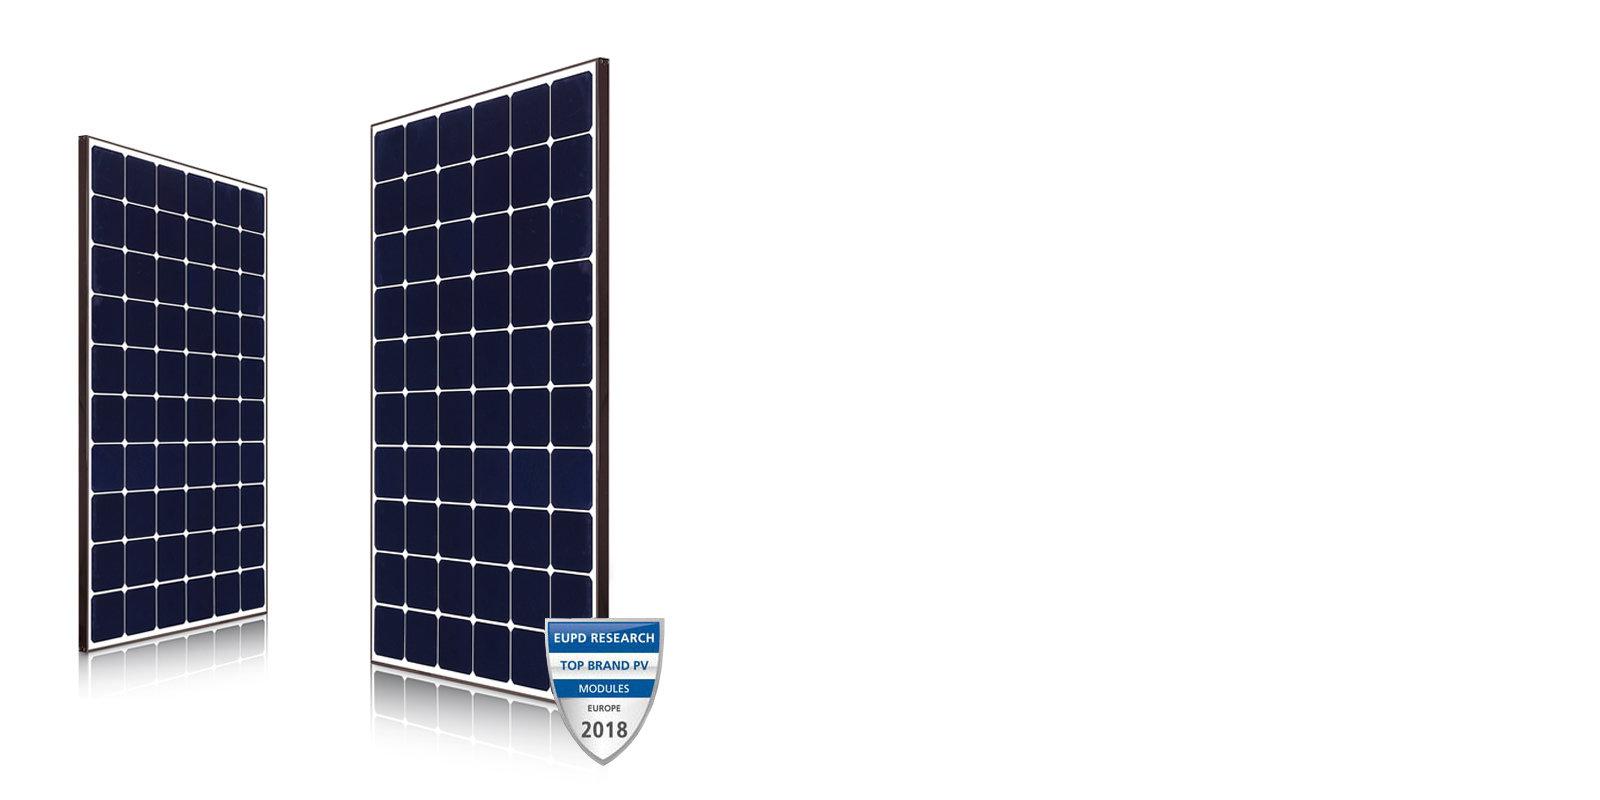 myCleantechSolarPower™ - LG Solarpannel NeON R Typ (C) - Musterbild